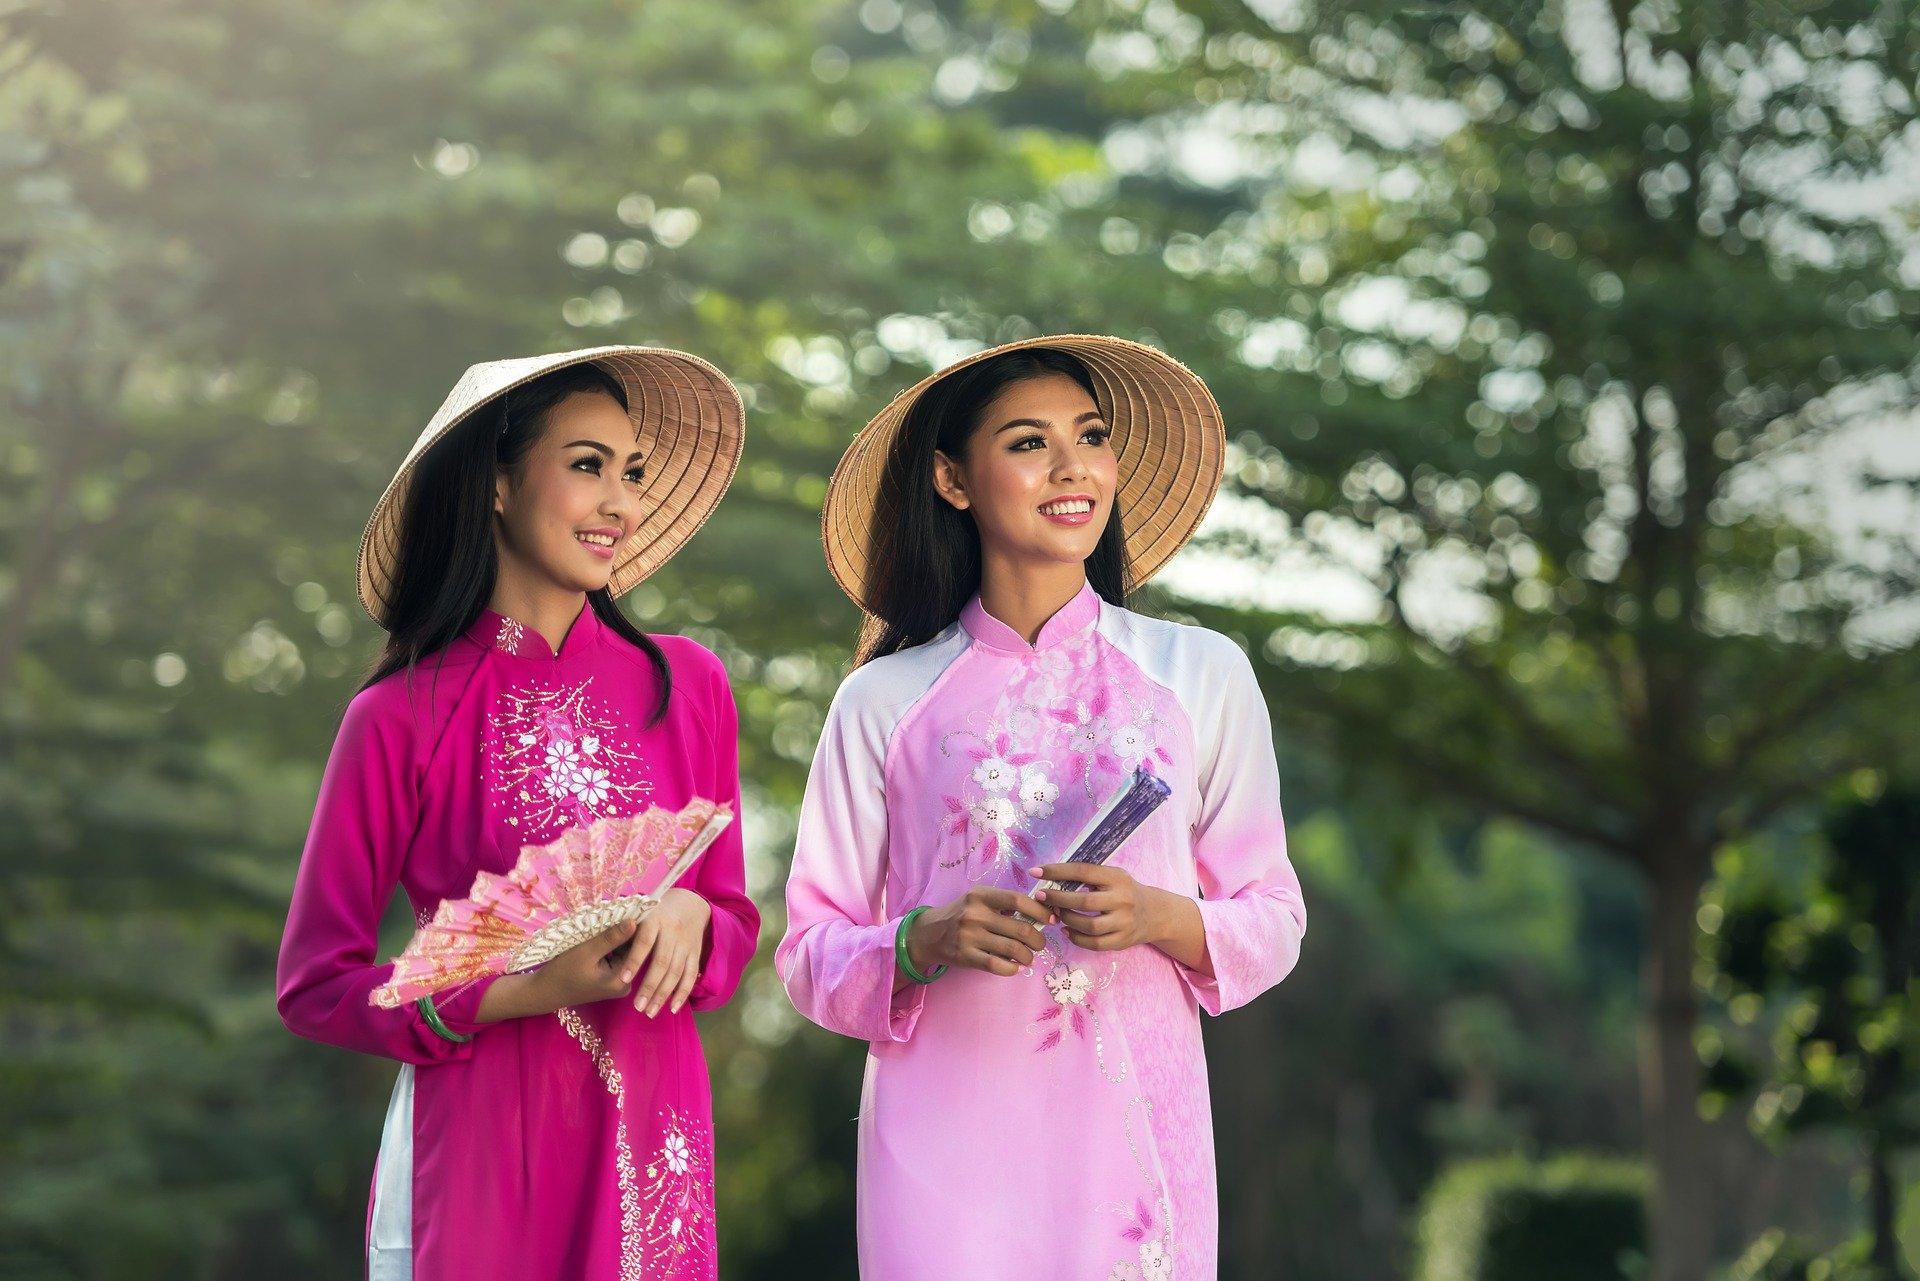 ベトナム人 女性